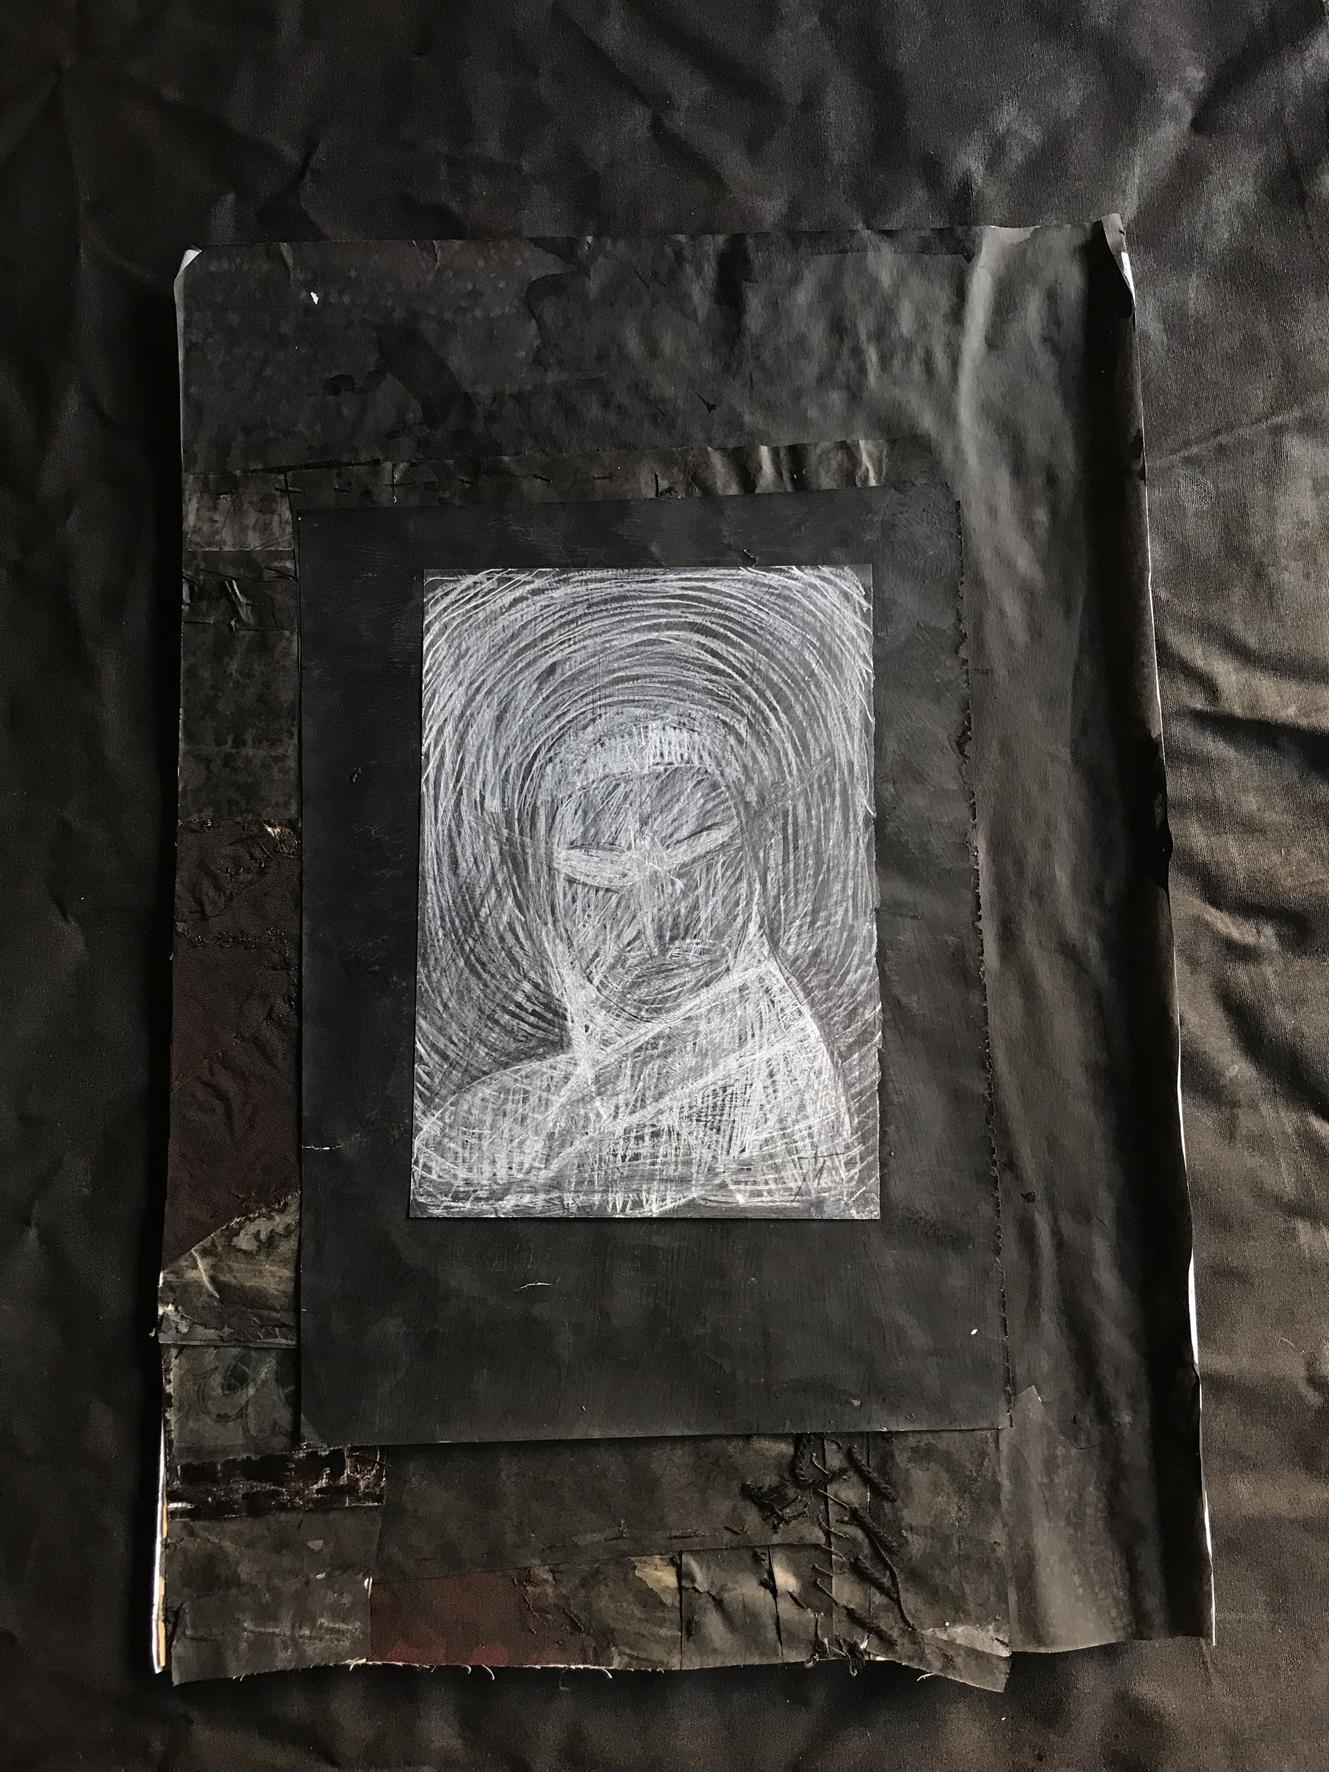 Mujeres Mirando Mujeres . El poder de la presencia | Colectiva | Est_Art Space | Arte a un Click